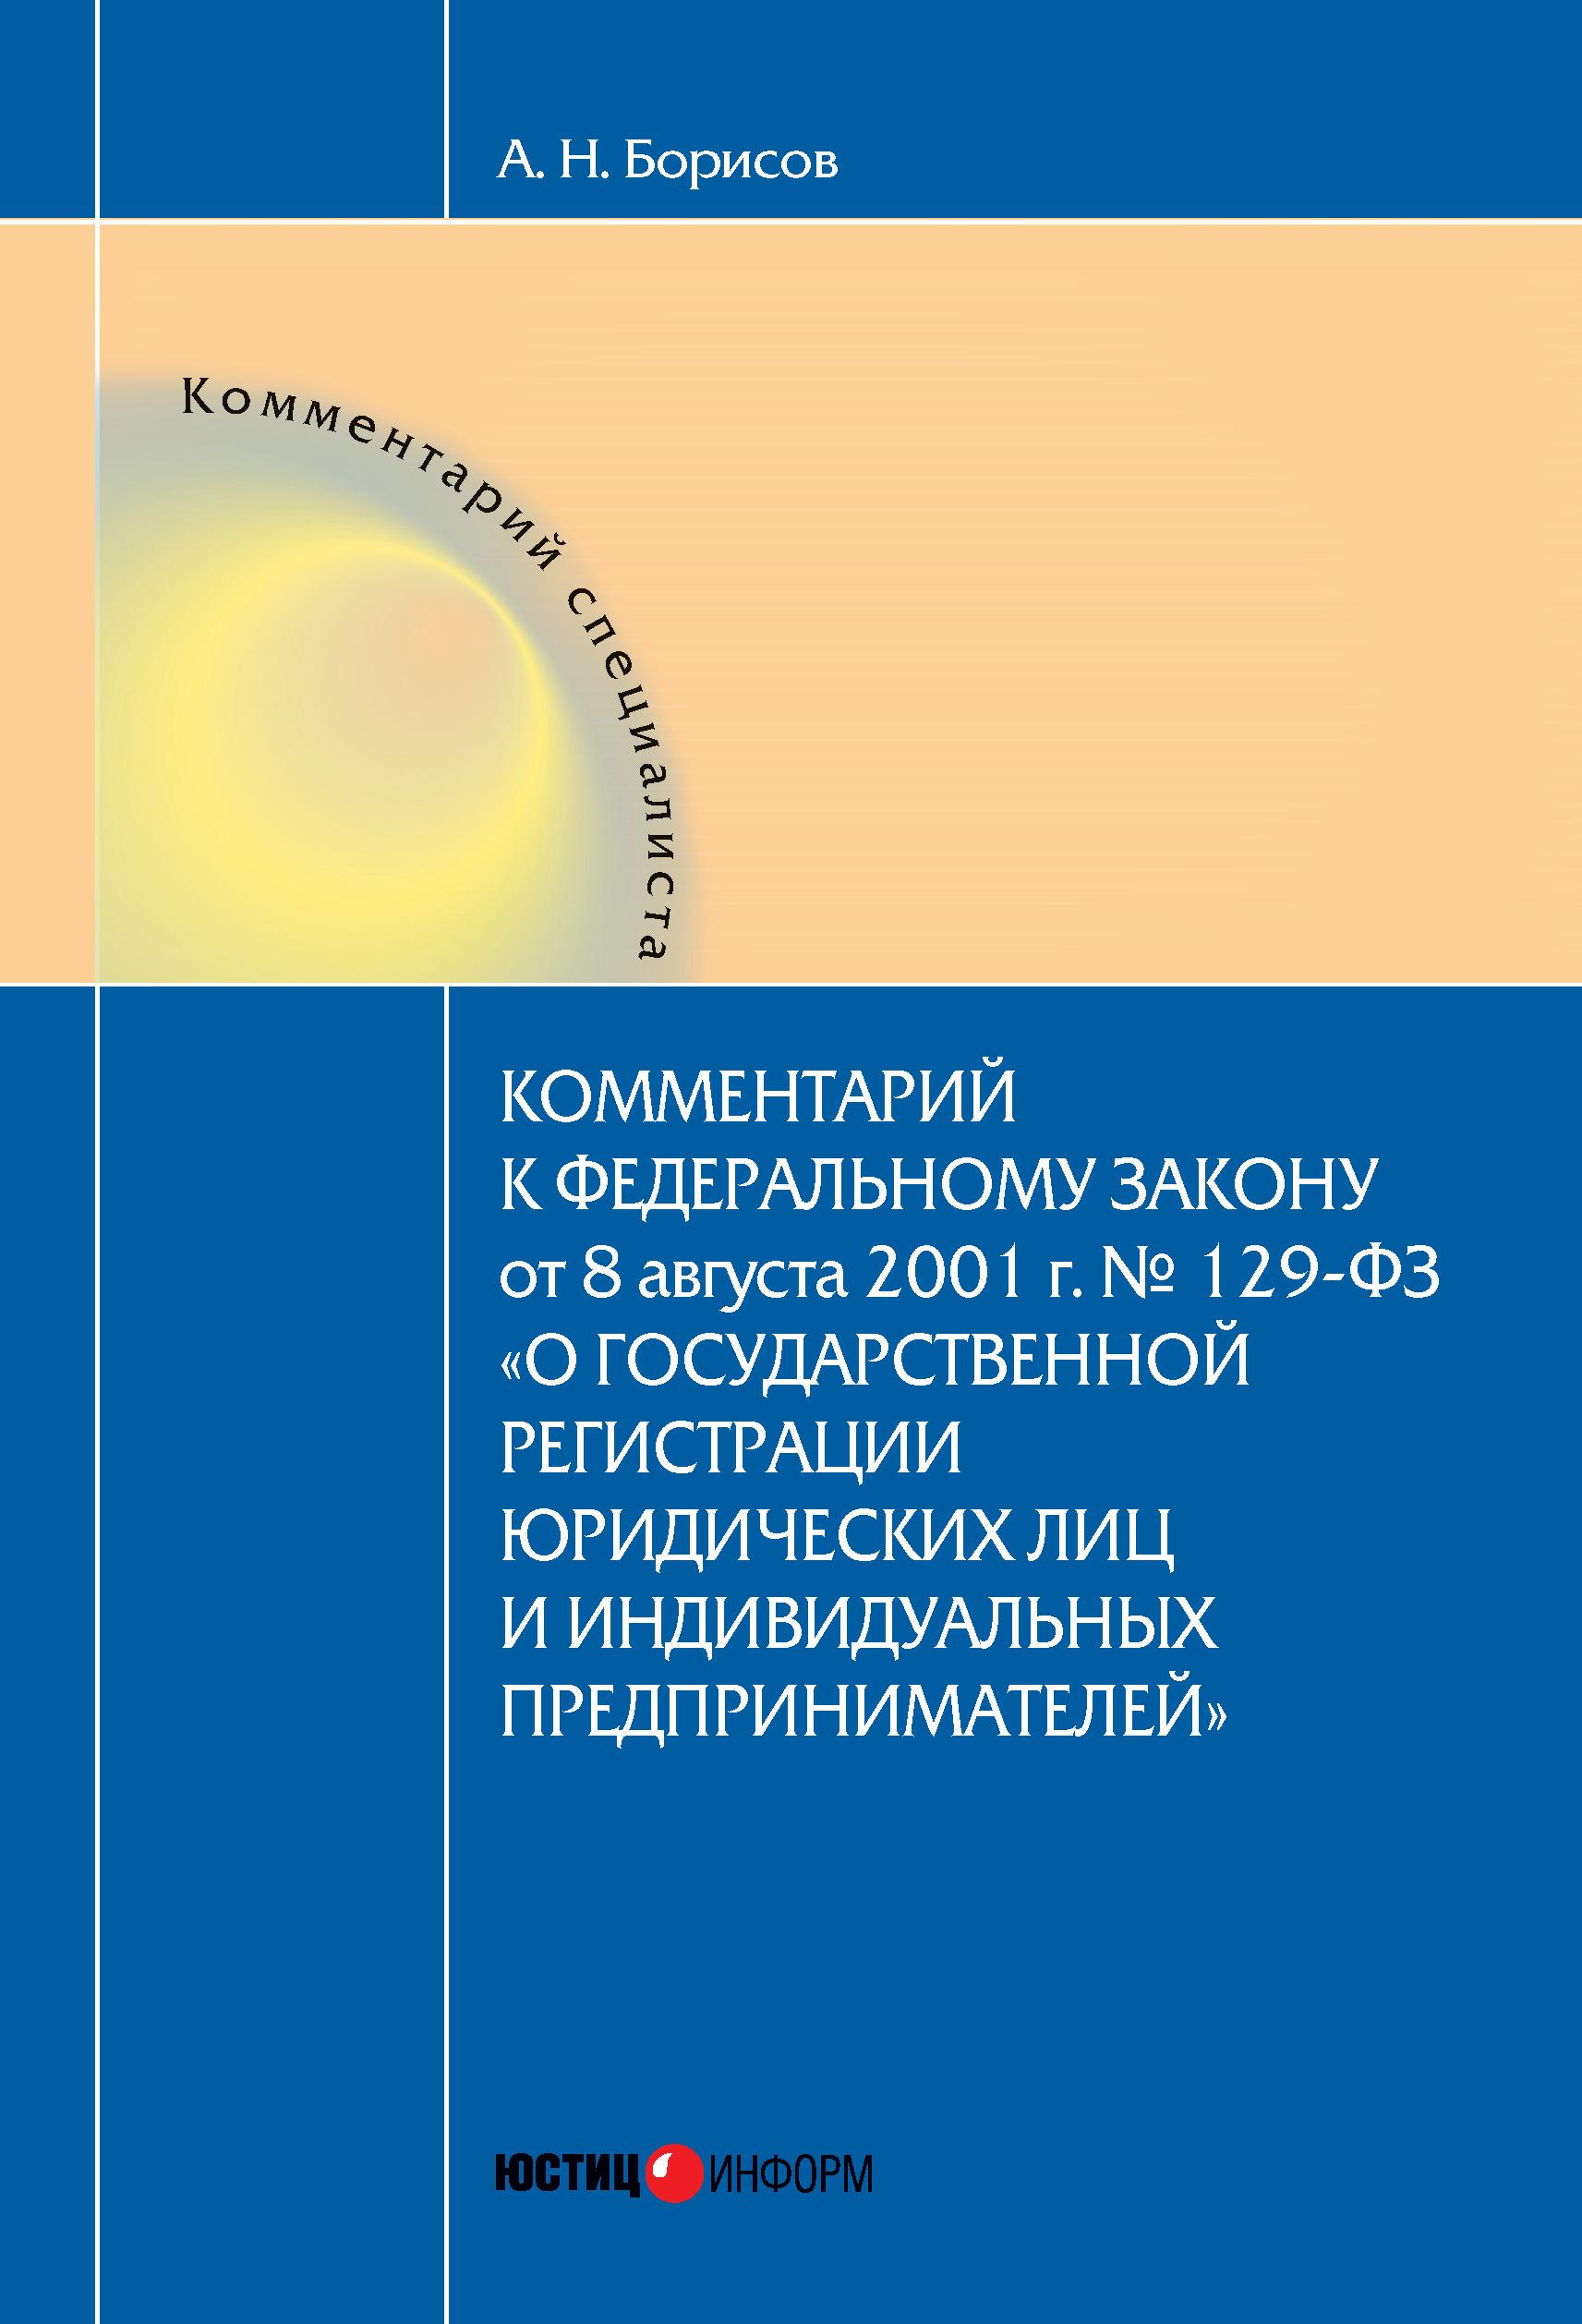 Комментарий к Федеральному Закону от 8 августа 2001 г. №129-ФЗ «О государственной регистрации юридических лиц и индивидуальных предпринимателей» (постатейный)